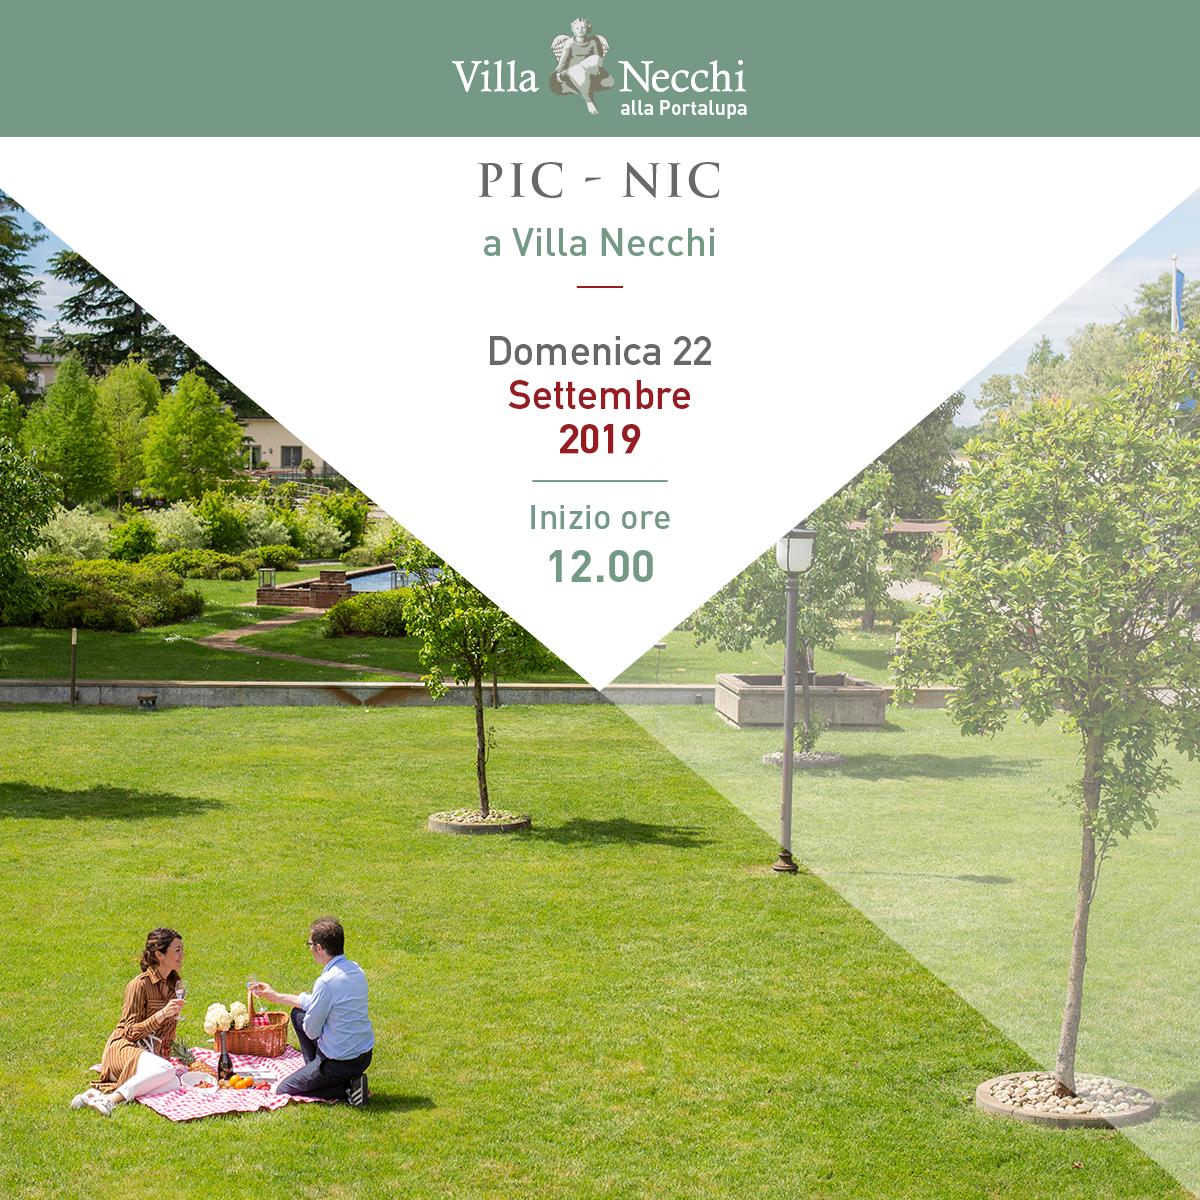 villa-necchi-pic-nic-22-settembre-12